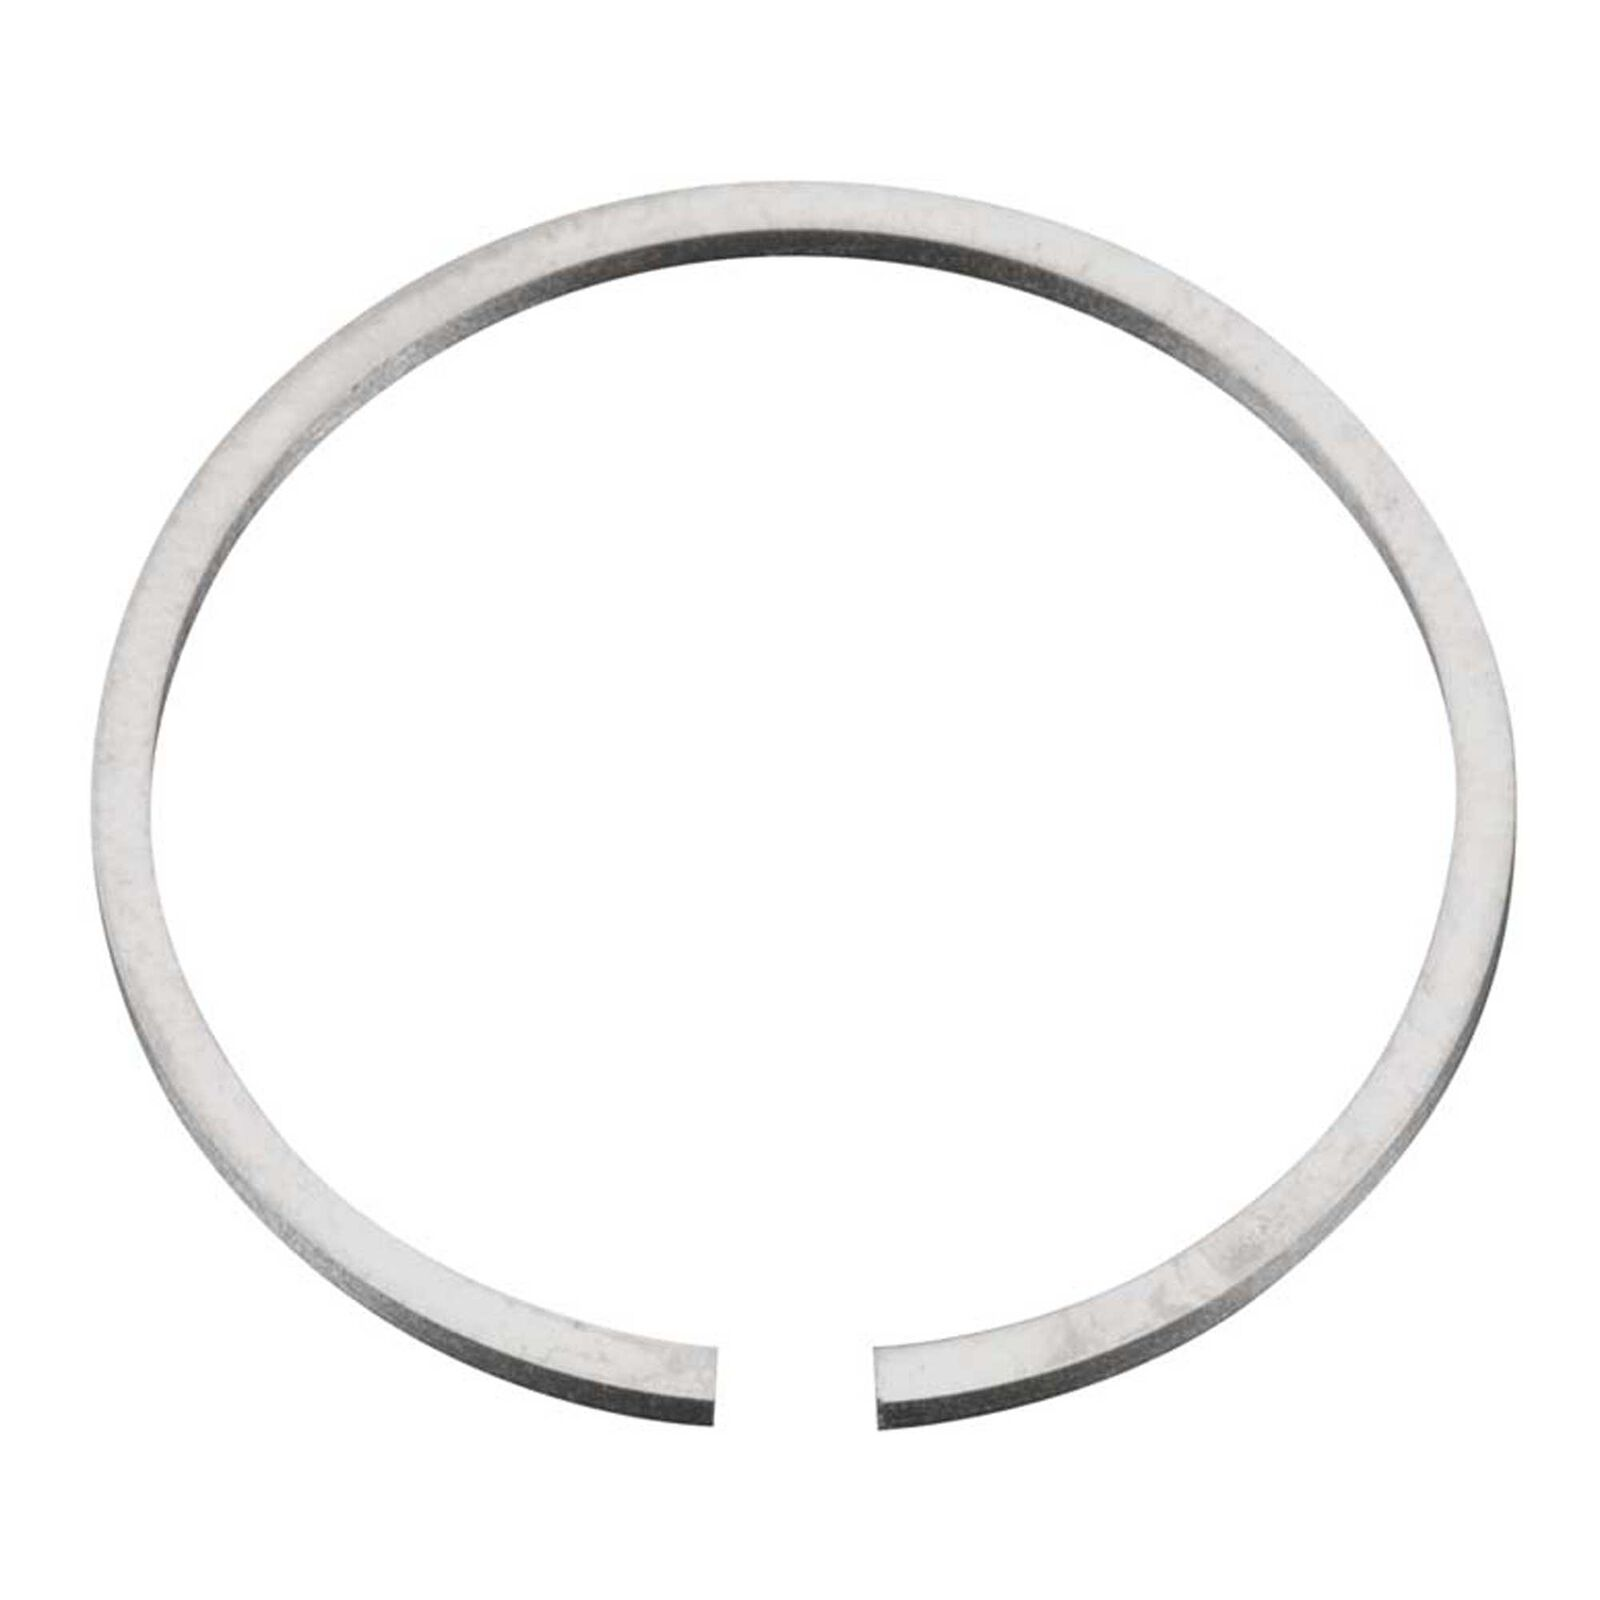 Piston Ring: FS-62V